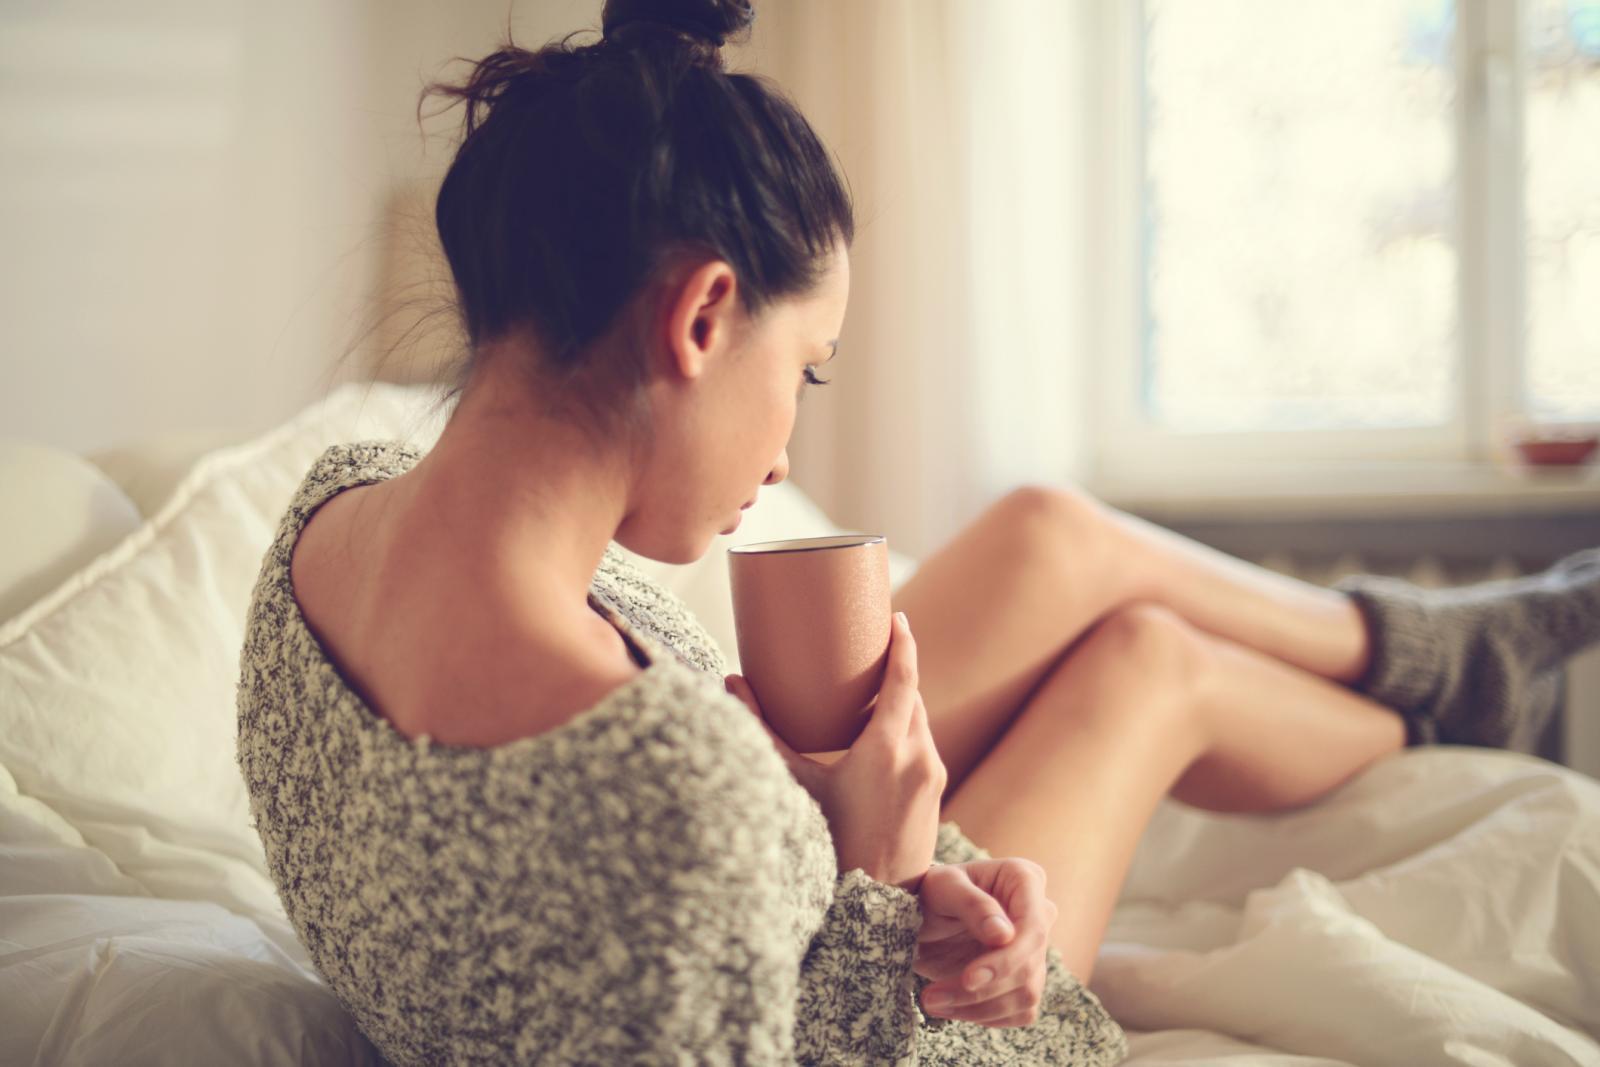 Simptomi se razvijaju postepeno i zbog toga mnogi nisu ni svjesni da su bolesni.